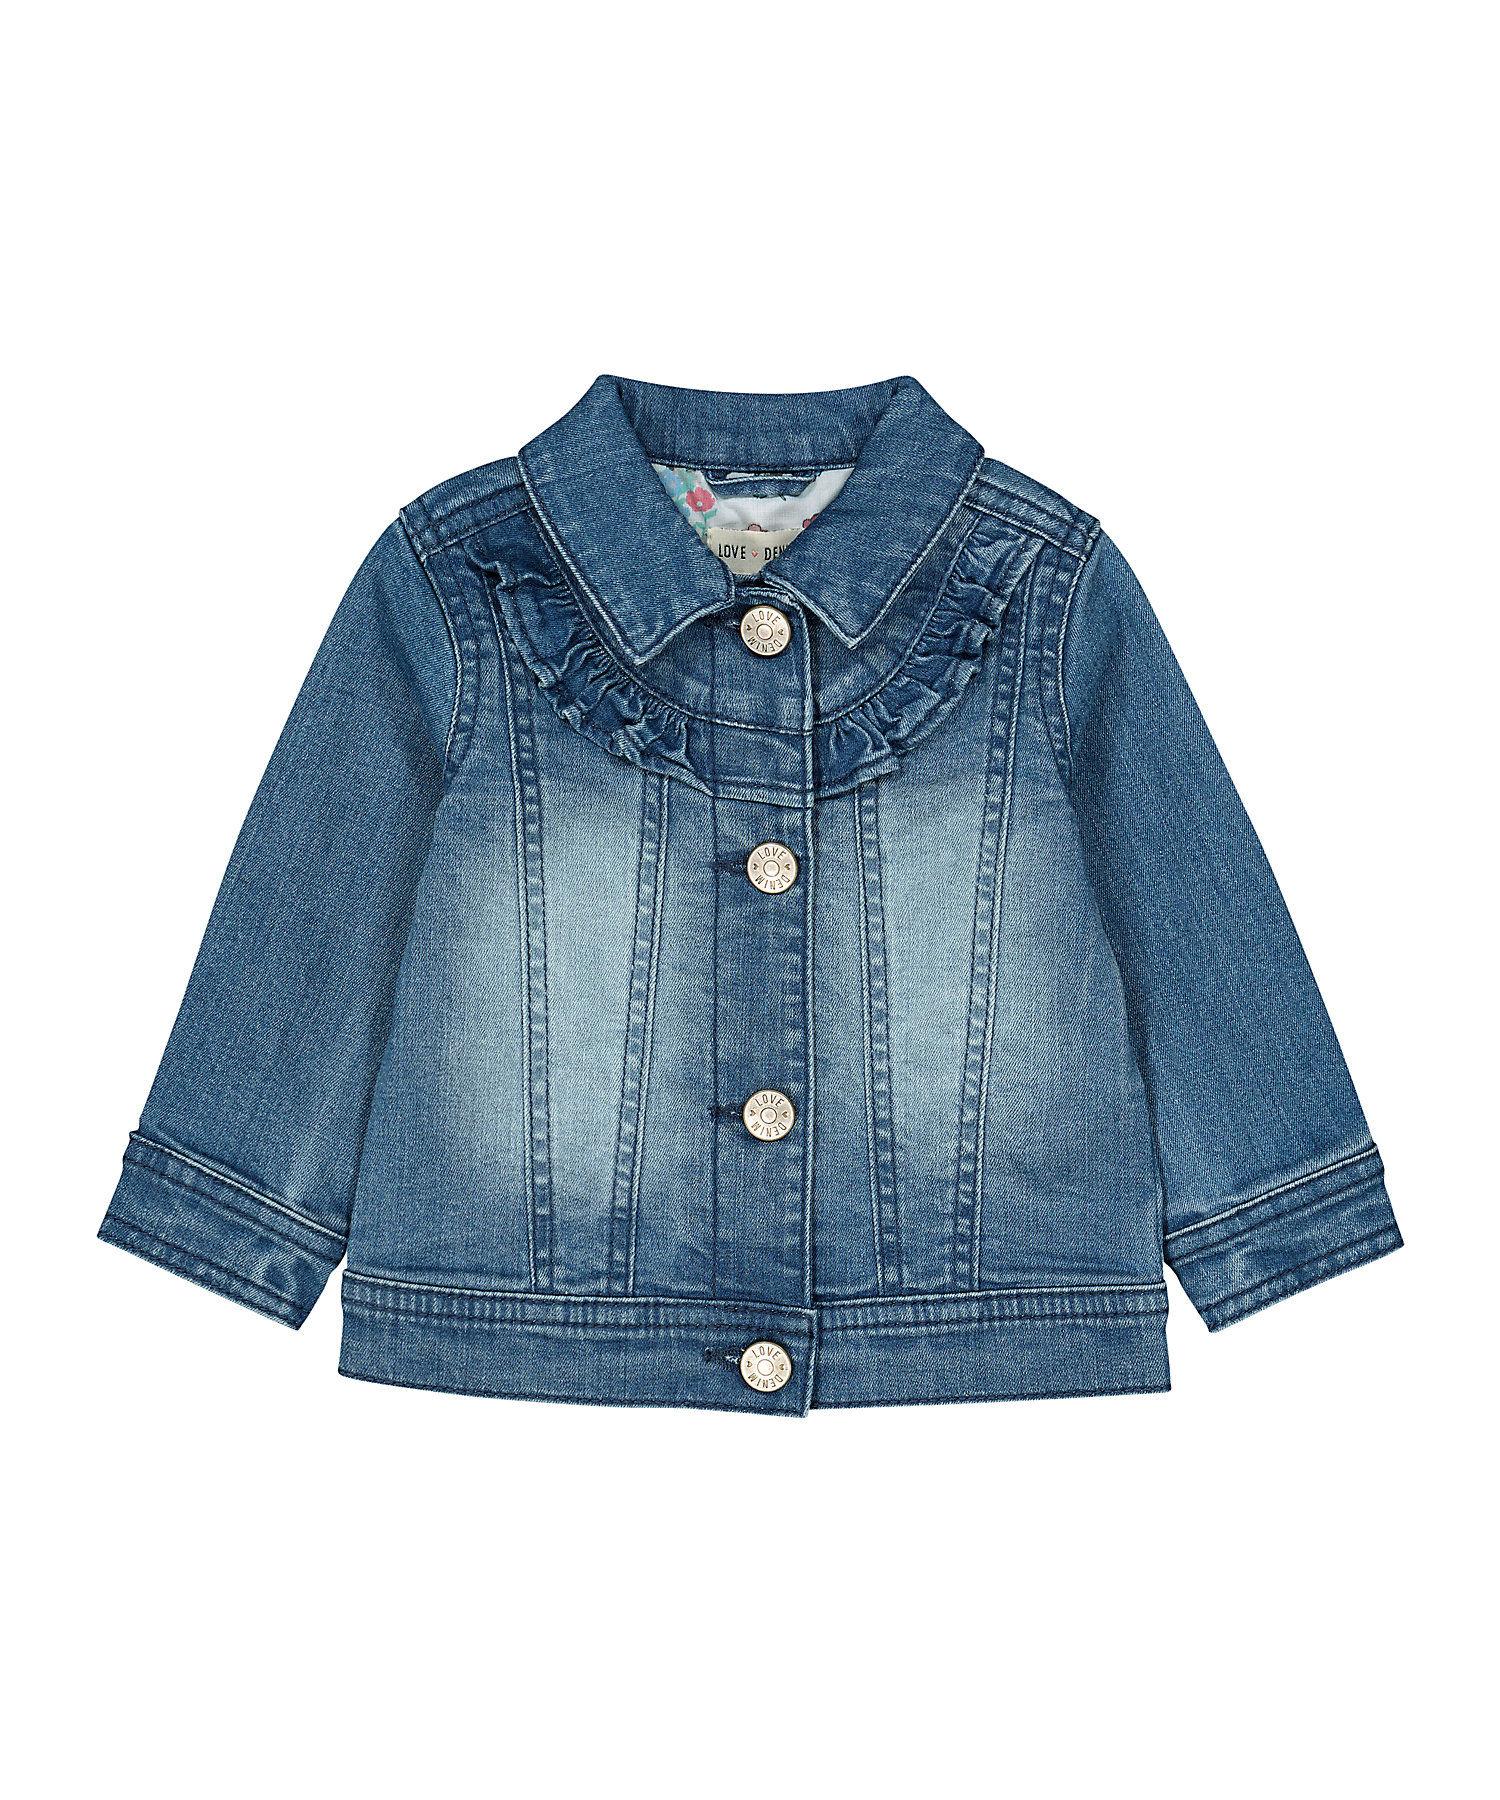 Mothercare | Girls Full Sleeves Denim Jacket Frill Detail - Blue